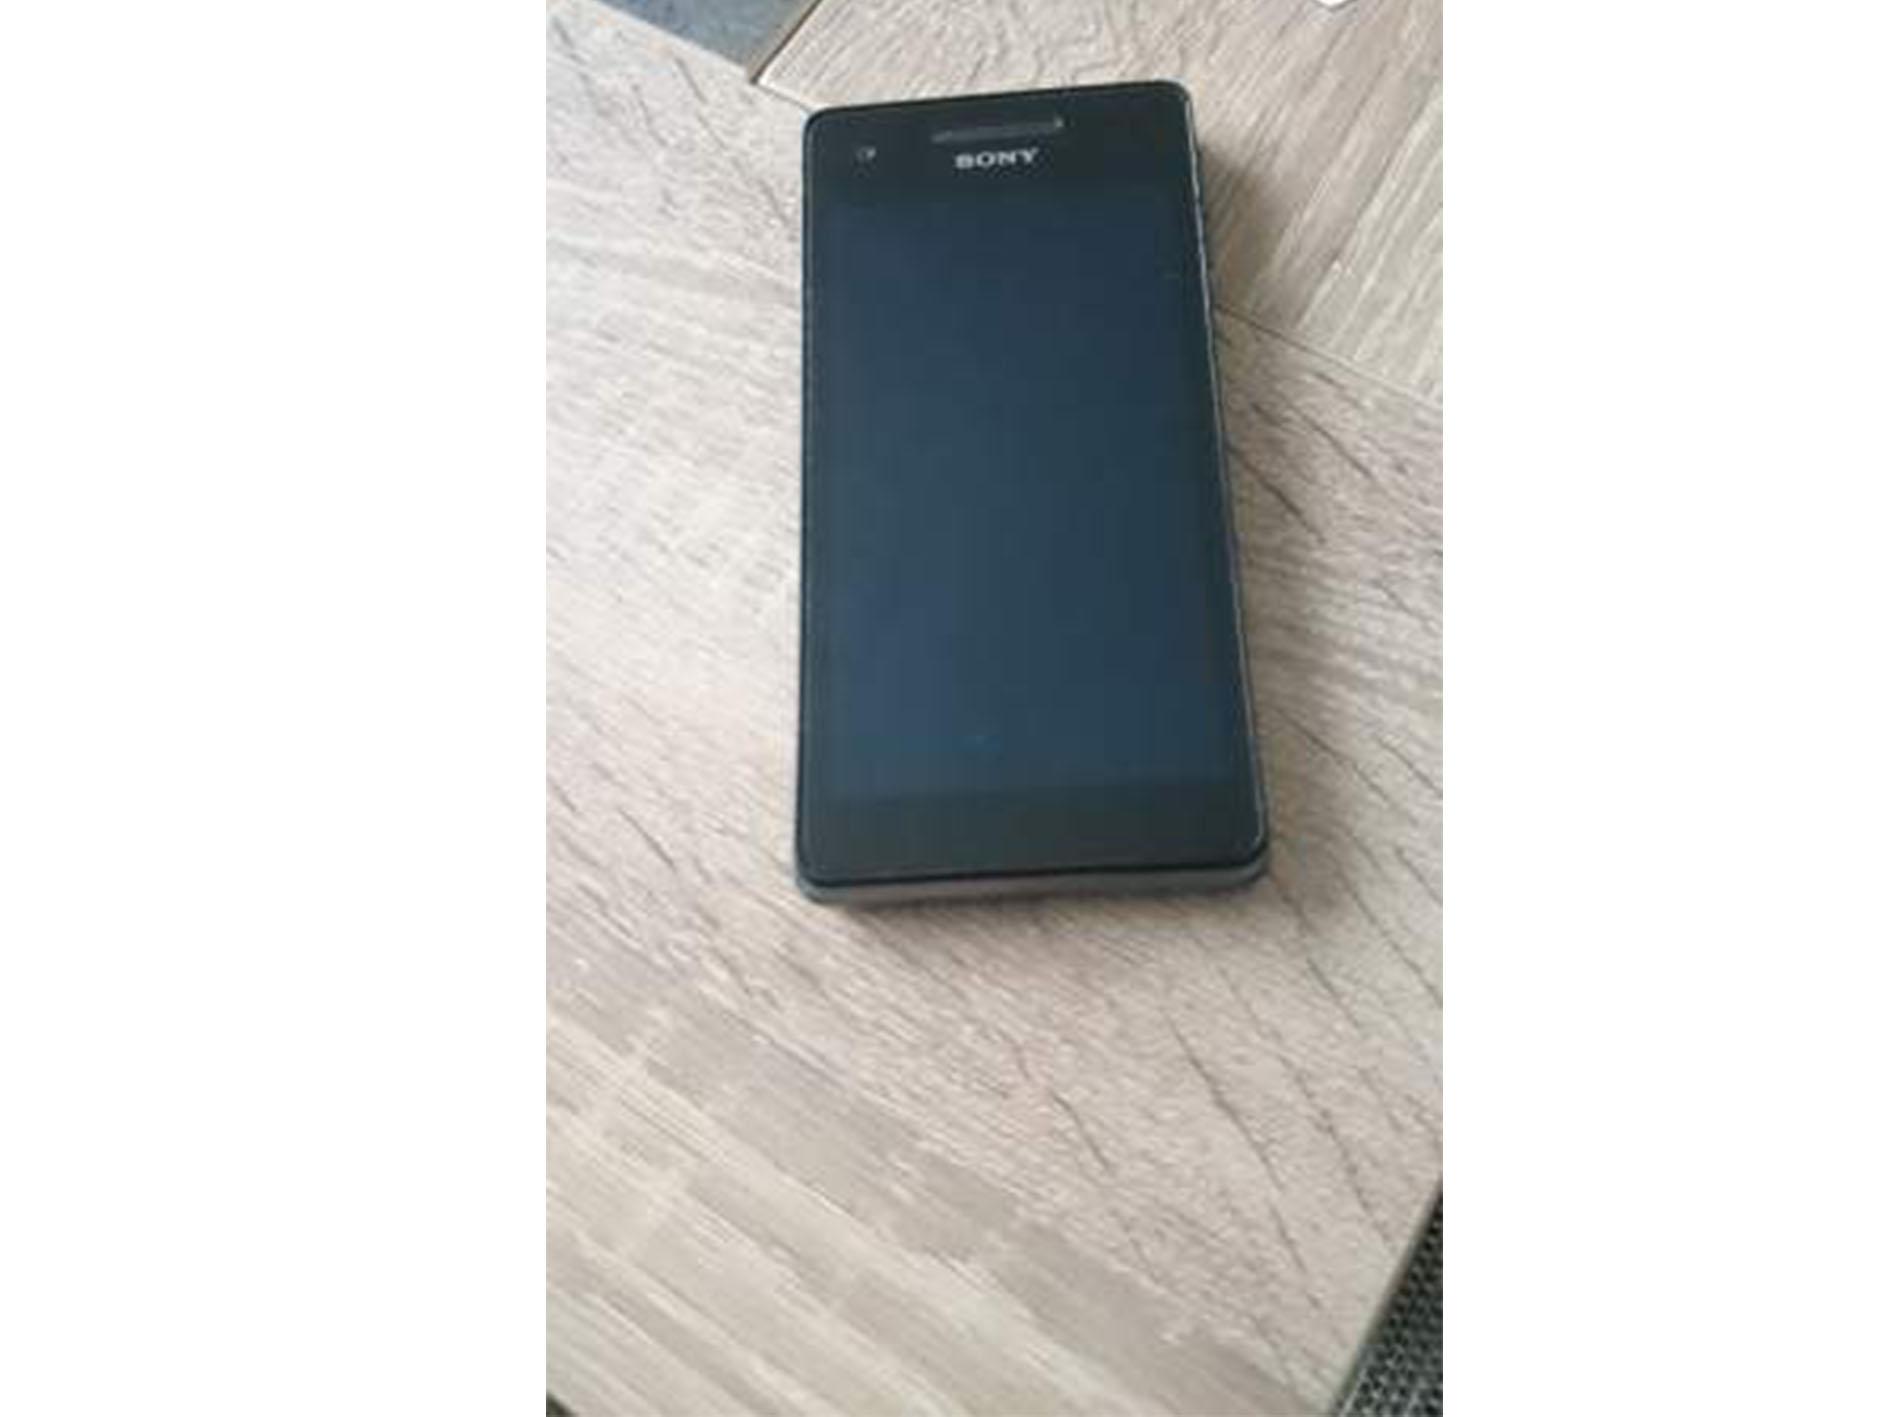 Smartphone Sony Xperia V